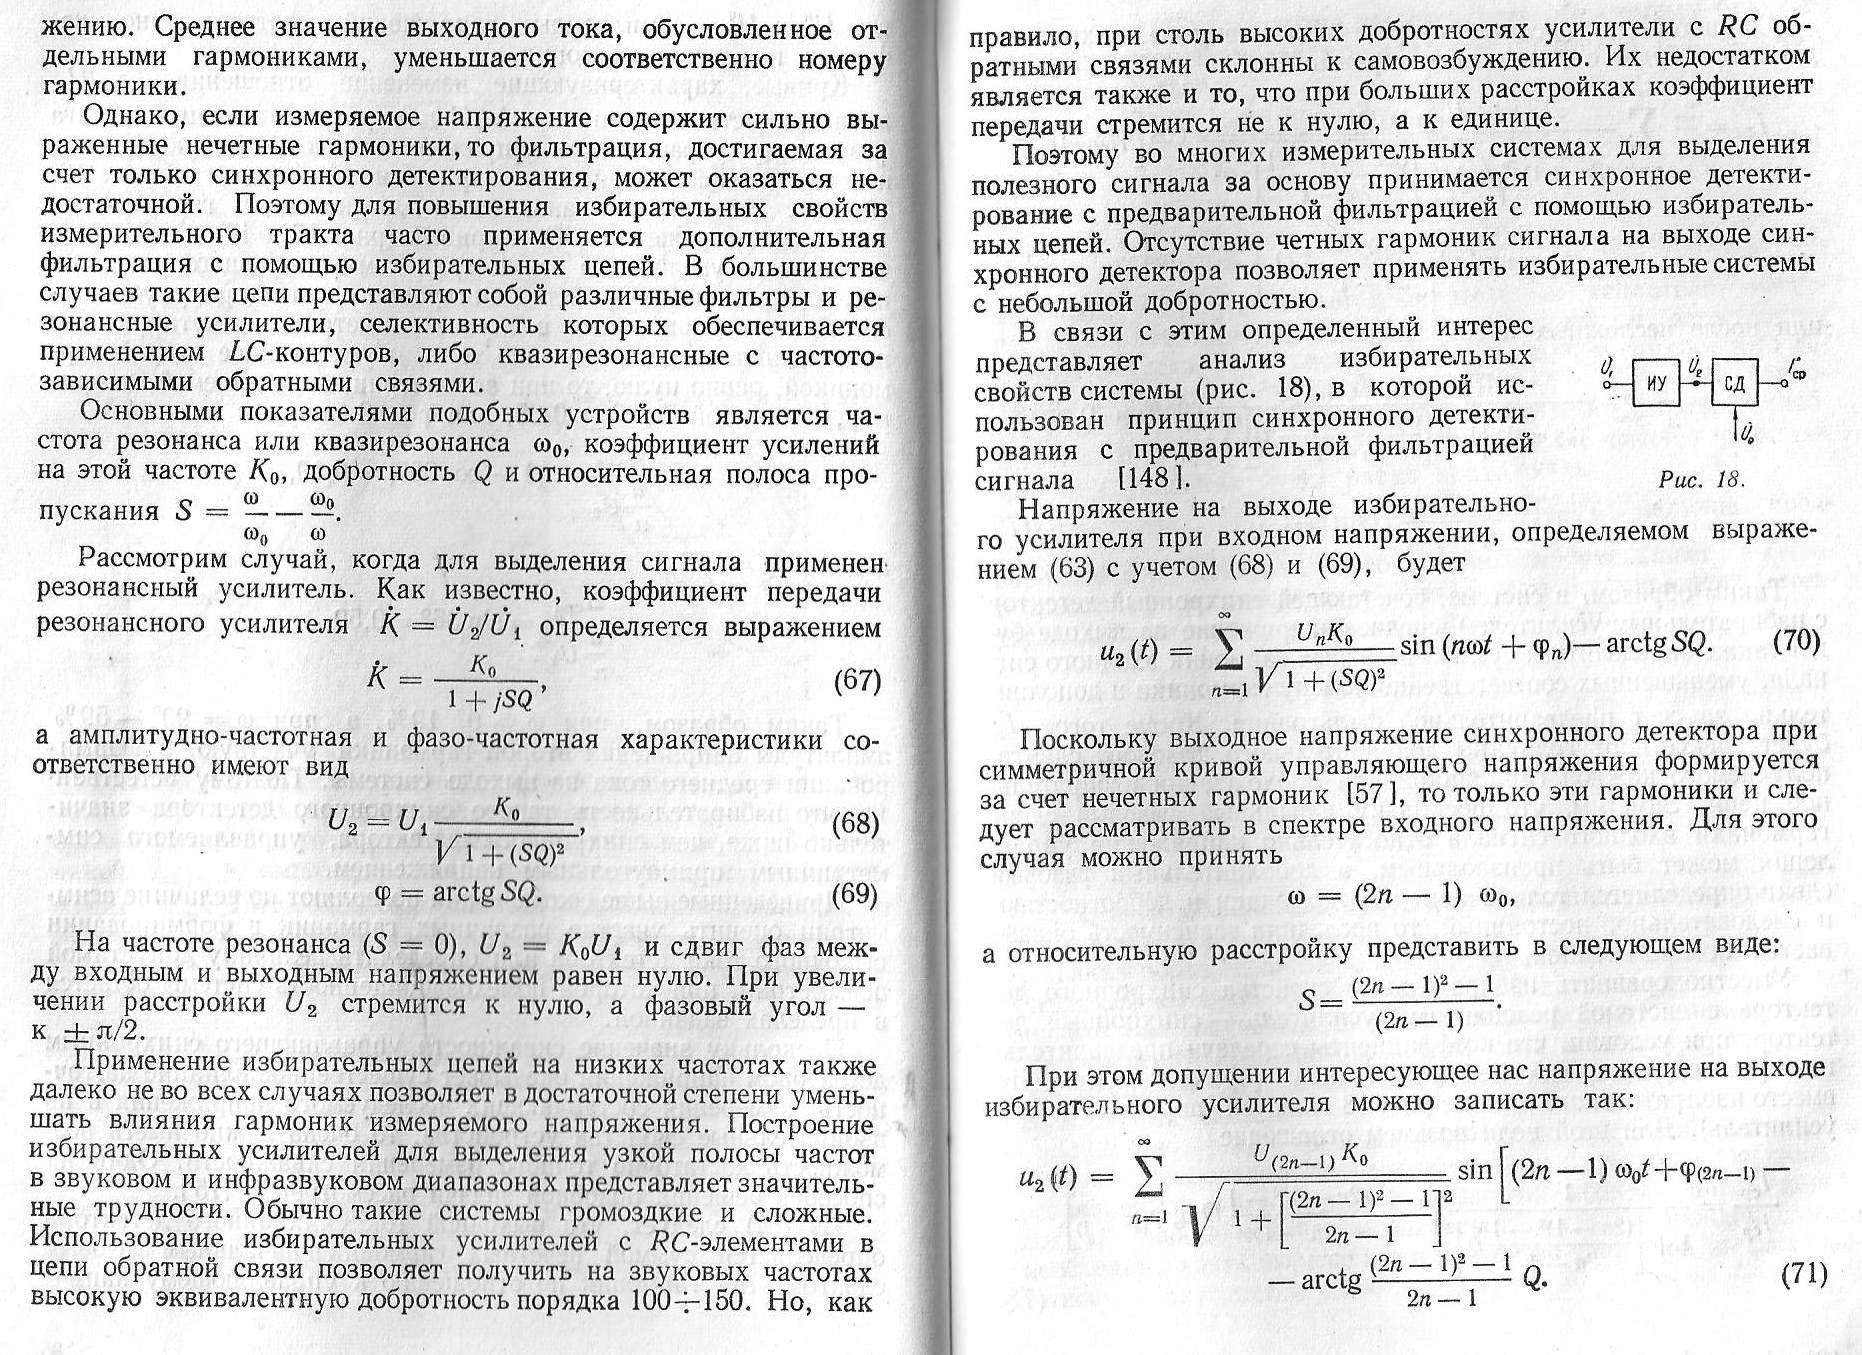 http://i4.imageban.ru/out/2017/12/16/e700b44b59125fc886656574abdcb56c.jpg